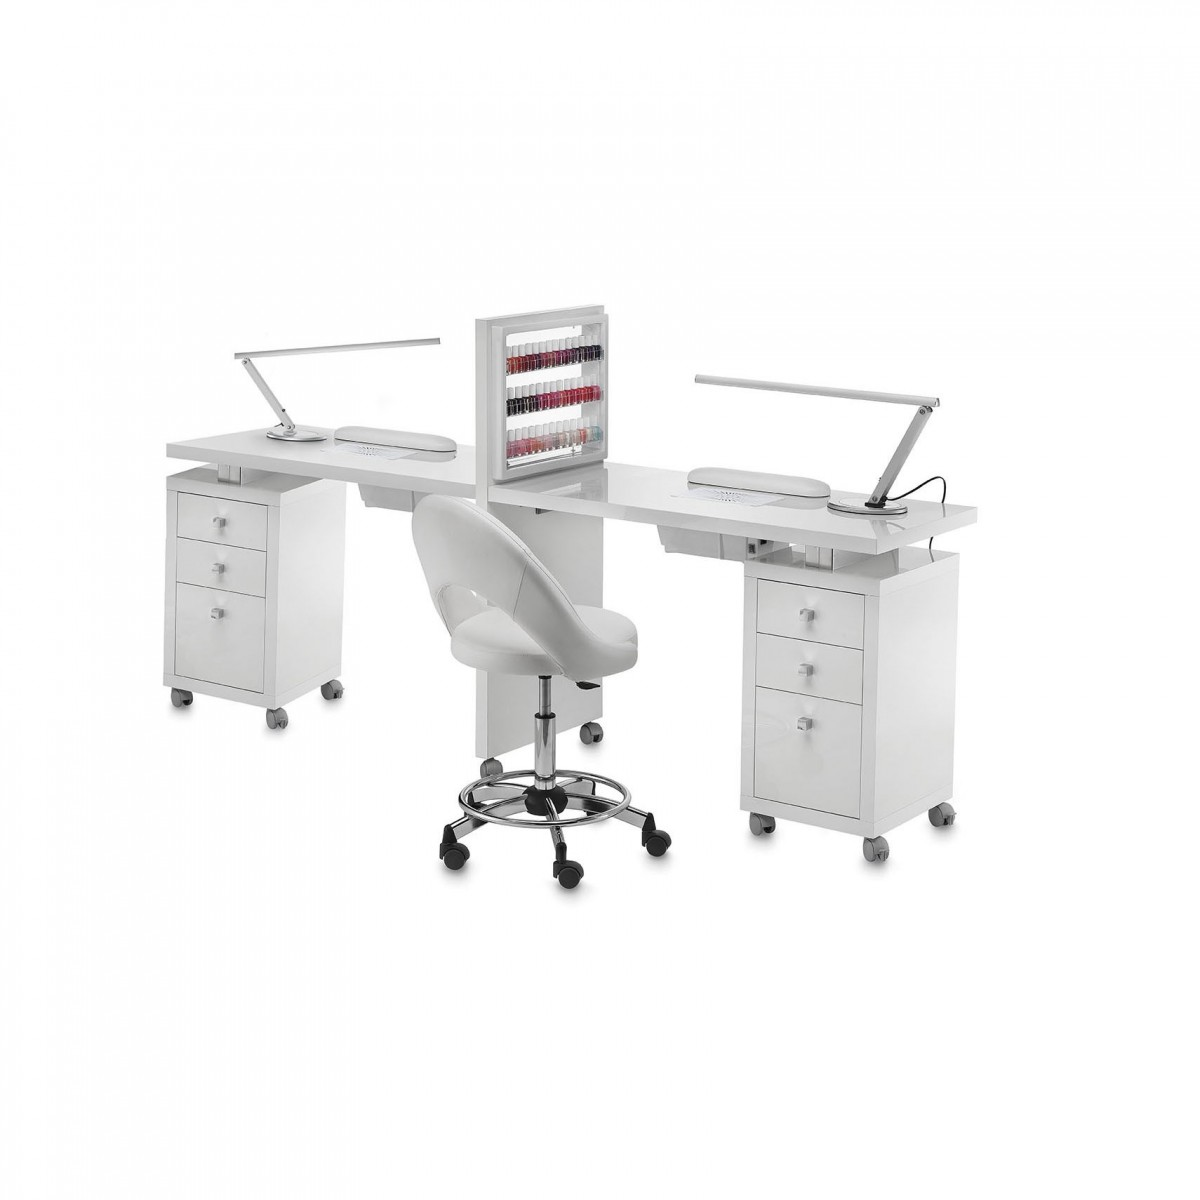 Tavoli manicure con o senza micromotori singoli,multipli con accessori